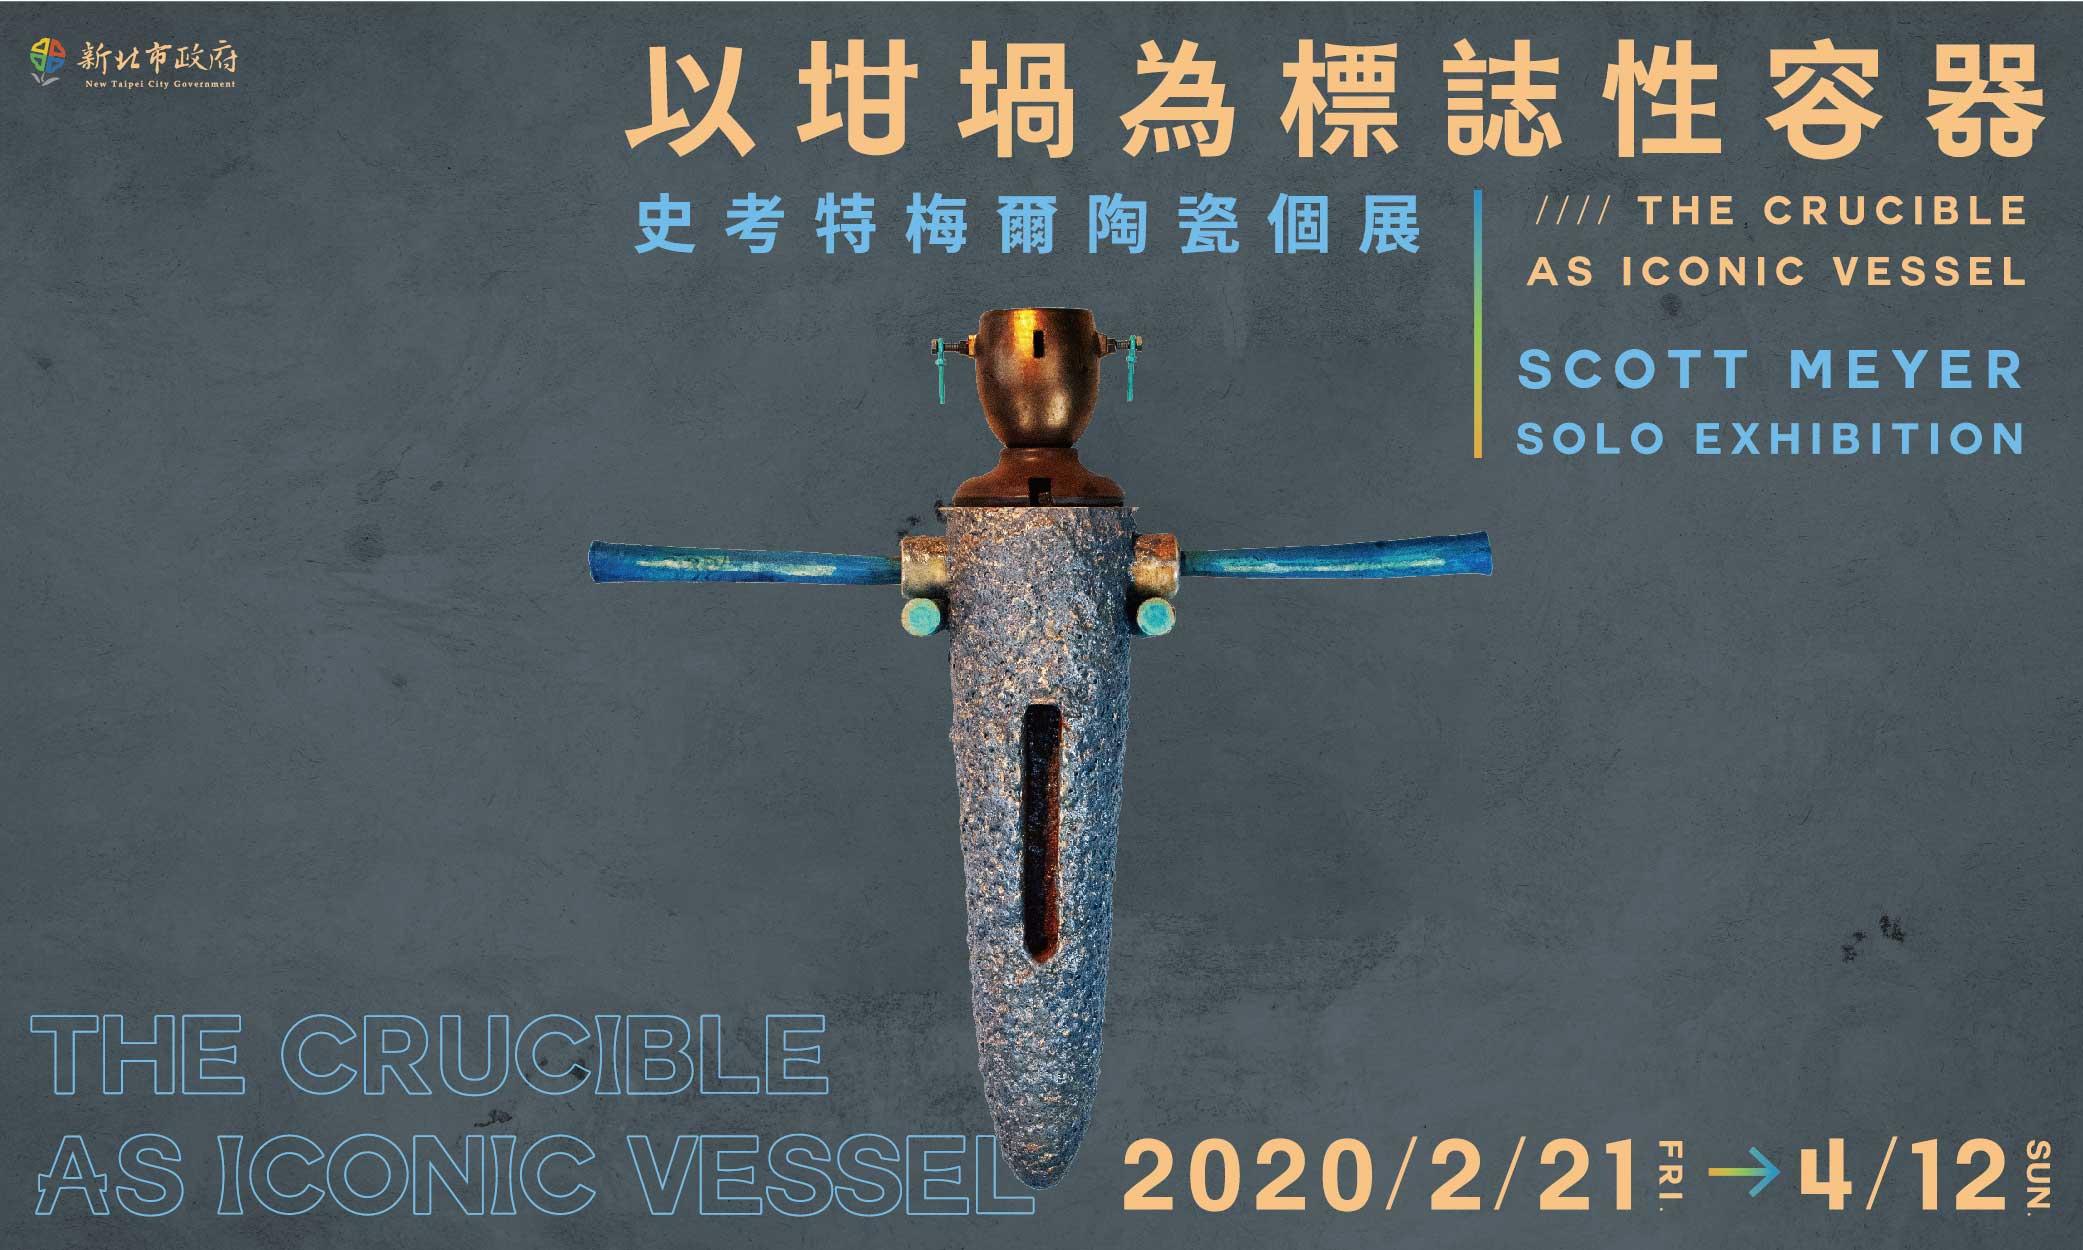 以坩堝為標誌性容器─史考特梅爾陶瓷個展